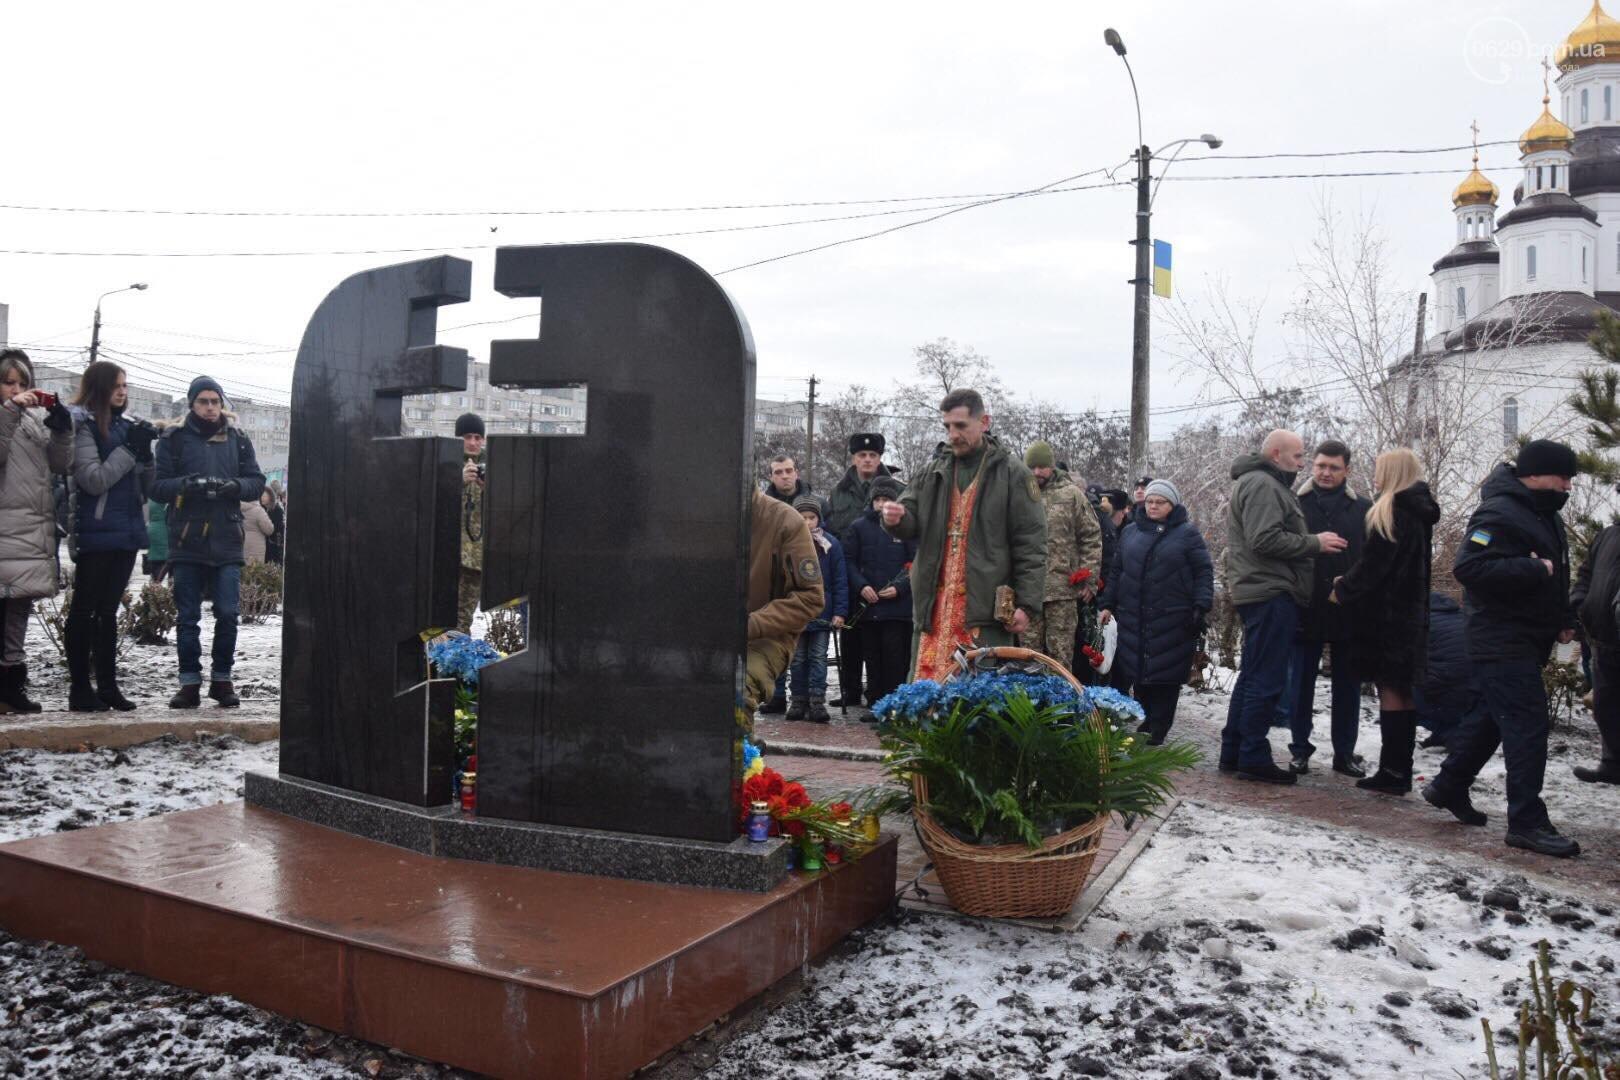 Мариуполь, Донбасс, обстрел, теракт, новости, Украина, террористы, ДНР, Донецкая область